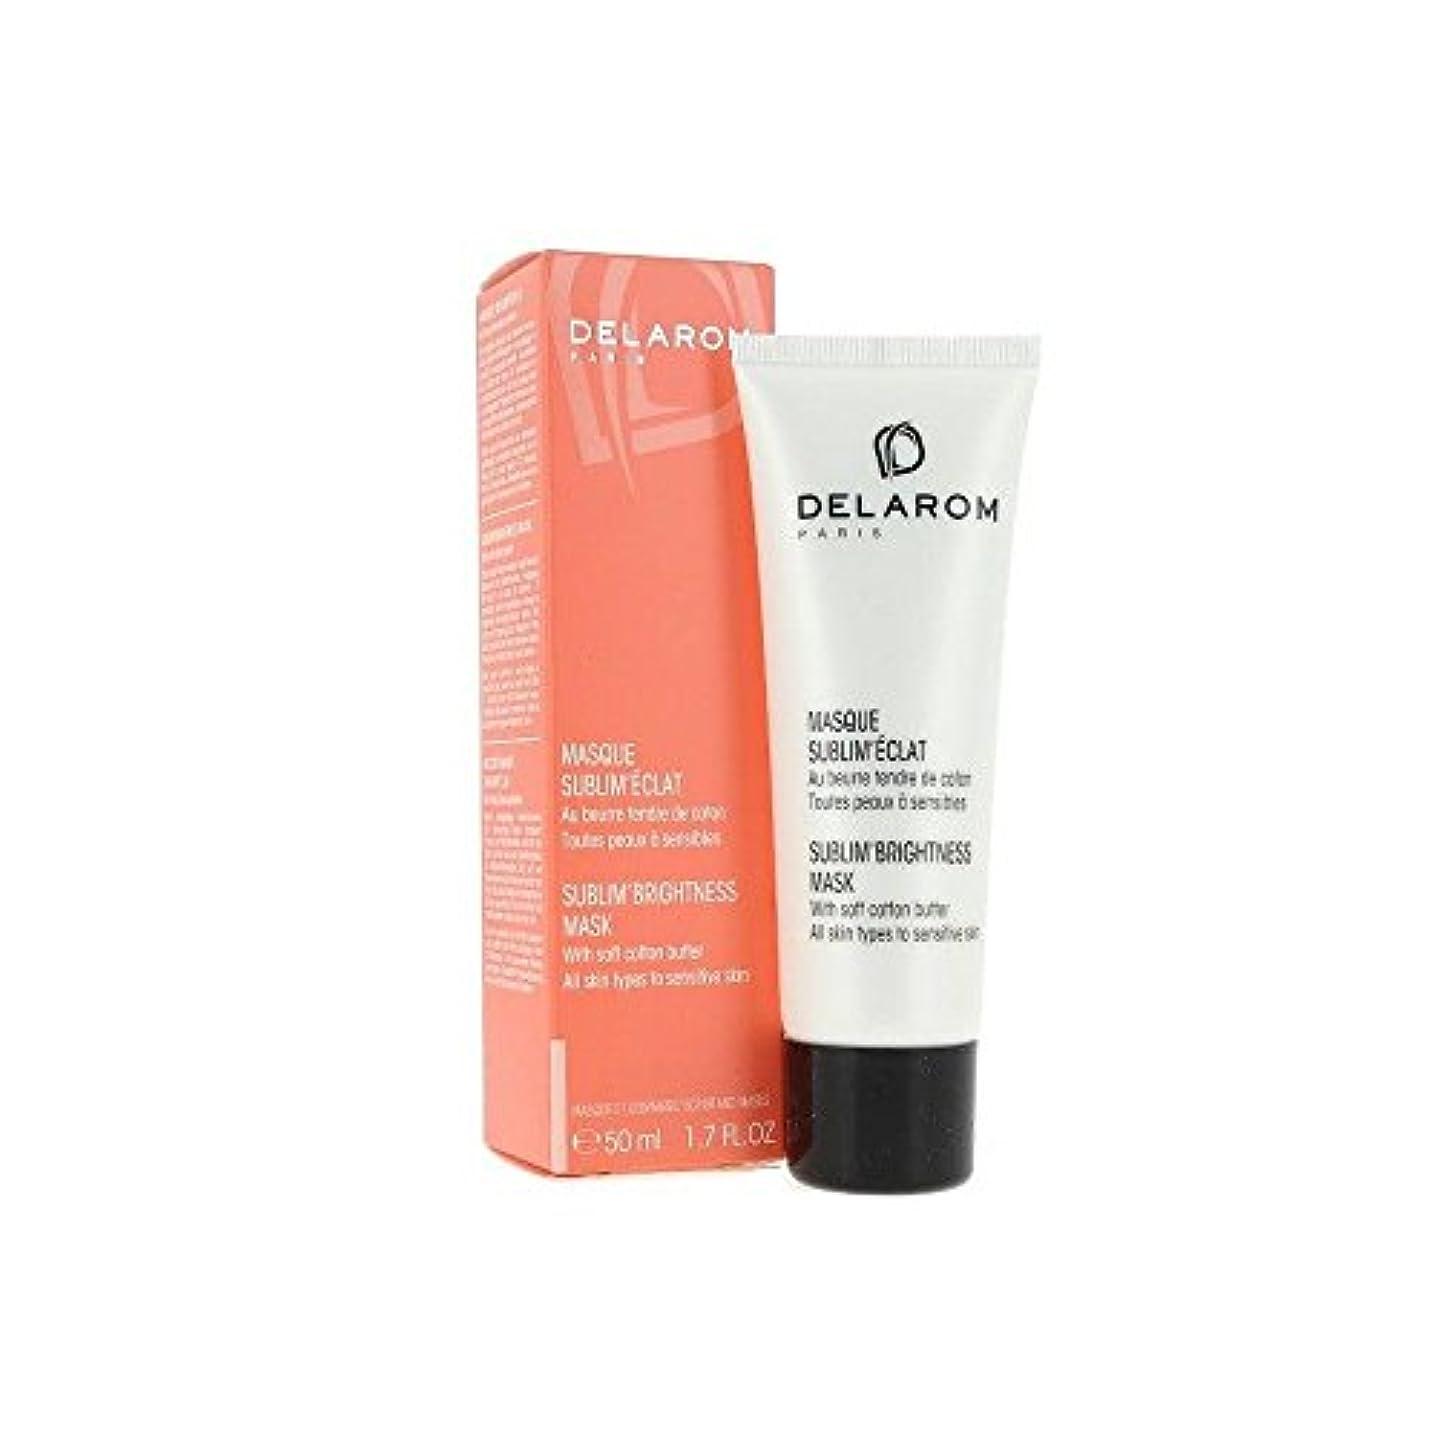 ほこりっぽい豊かな麻痺DELAROM Sublim' Brightness Mask - For All Skin Types to Sensitive Skin 50ml/1.7oz並行輸入品